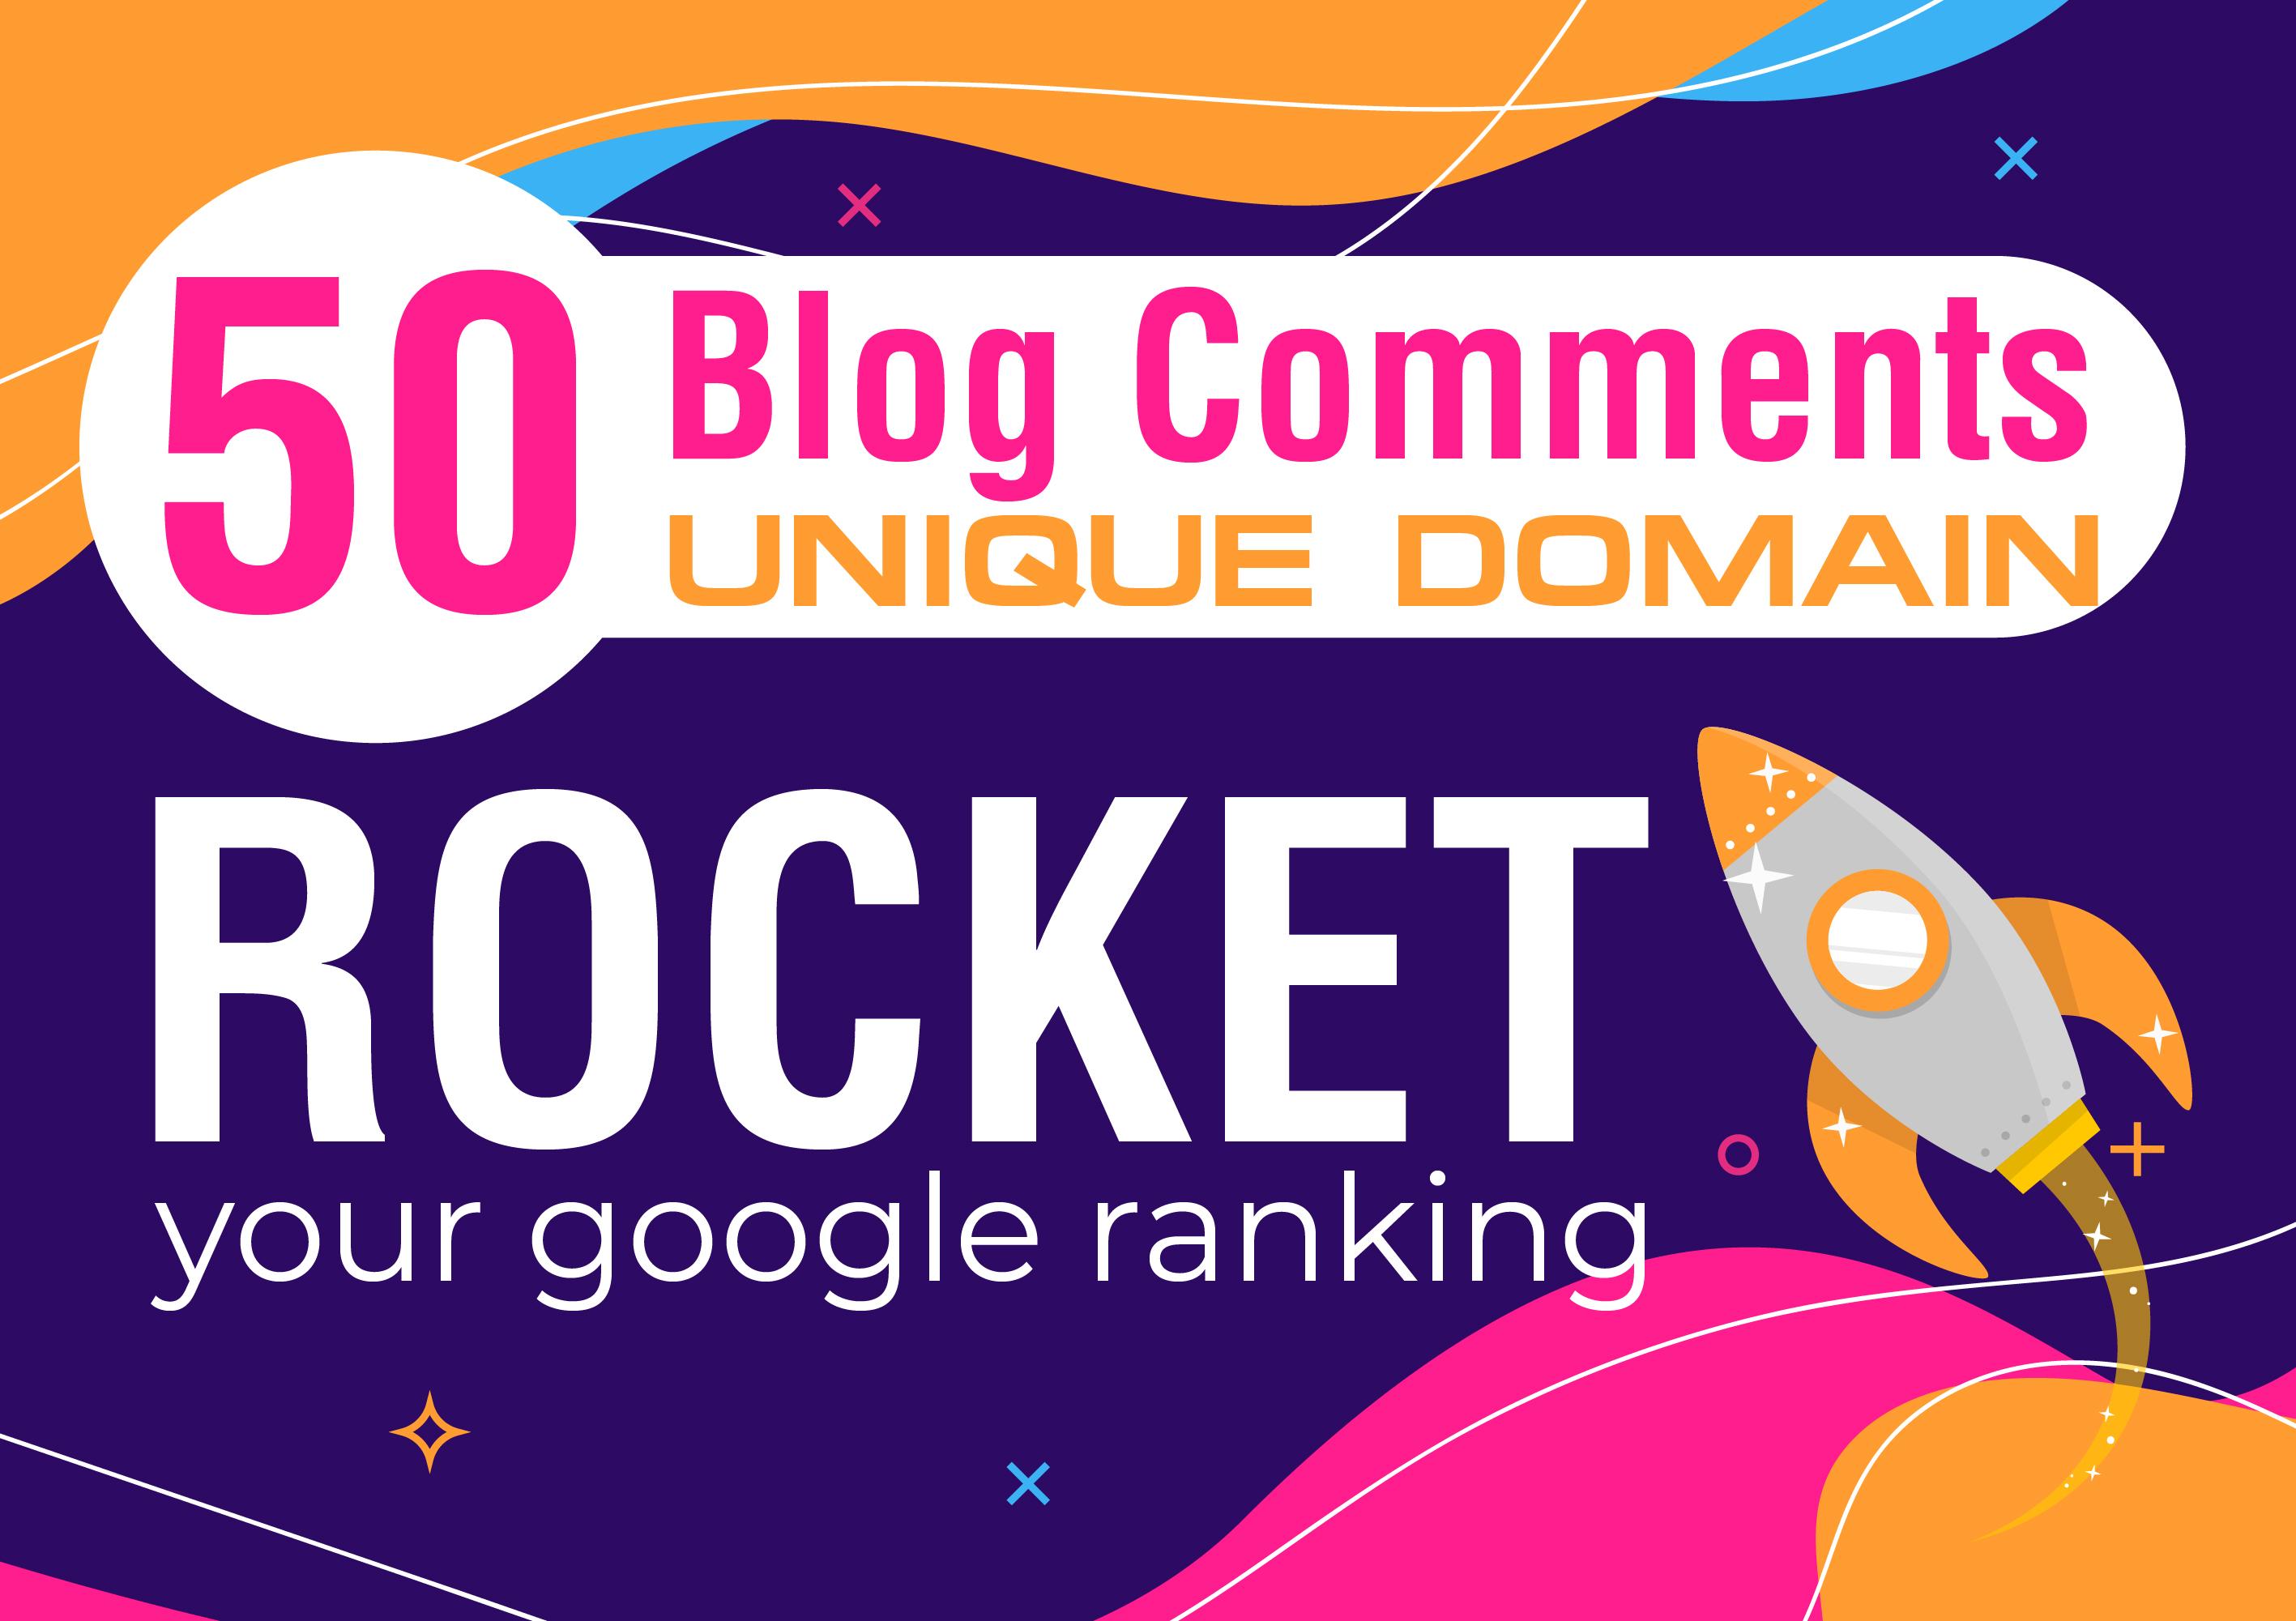 make 50 blog comments unique domain rocket your google ranking